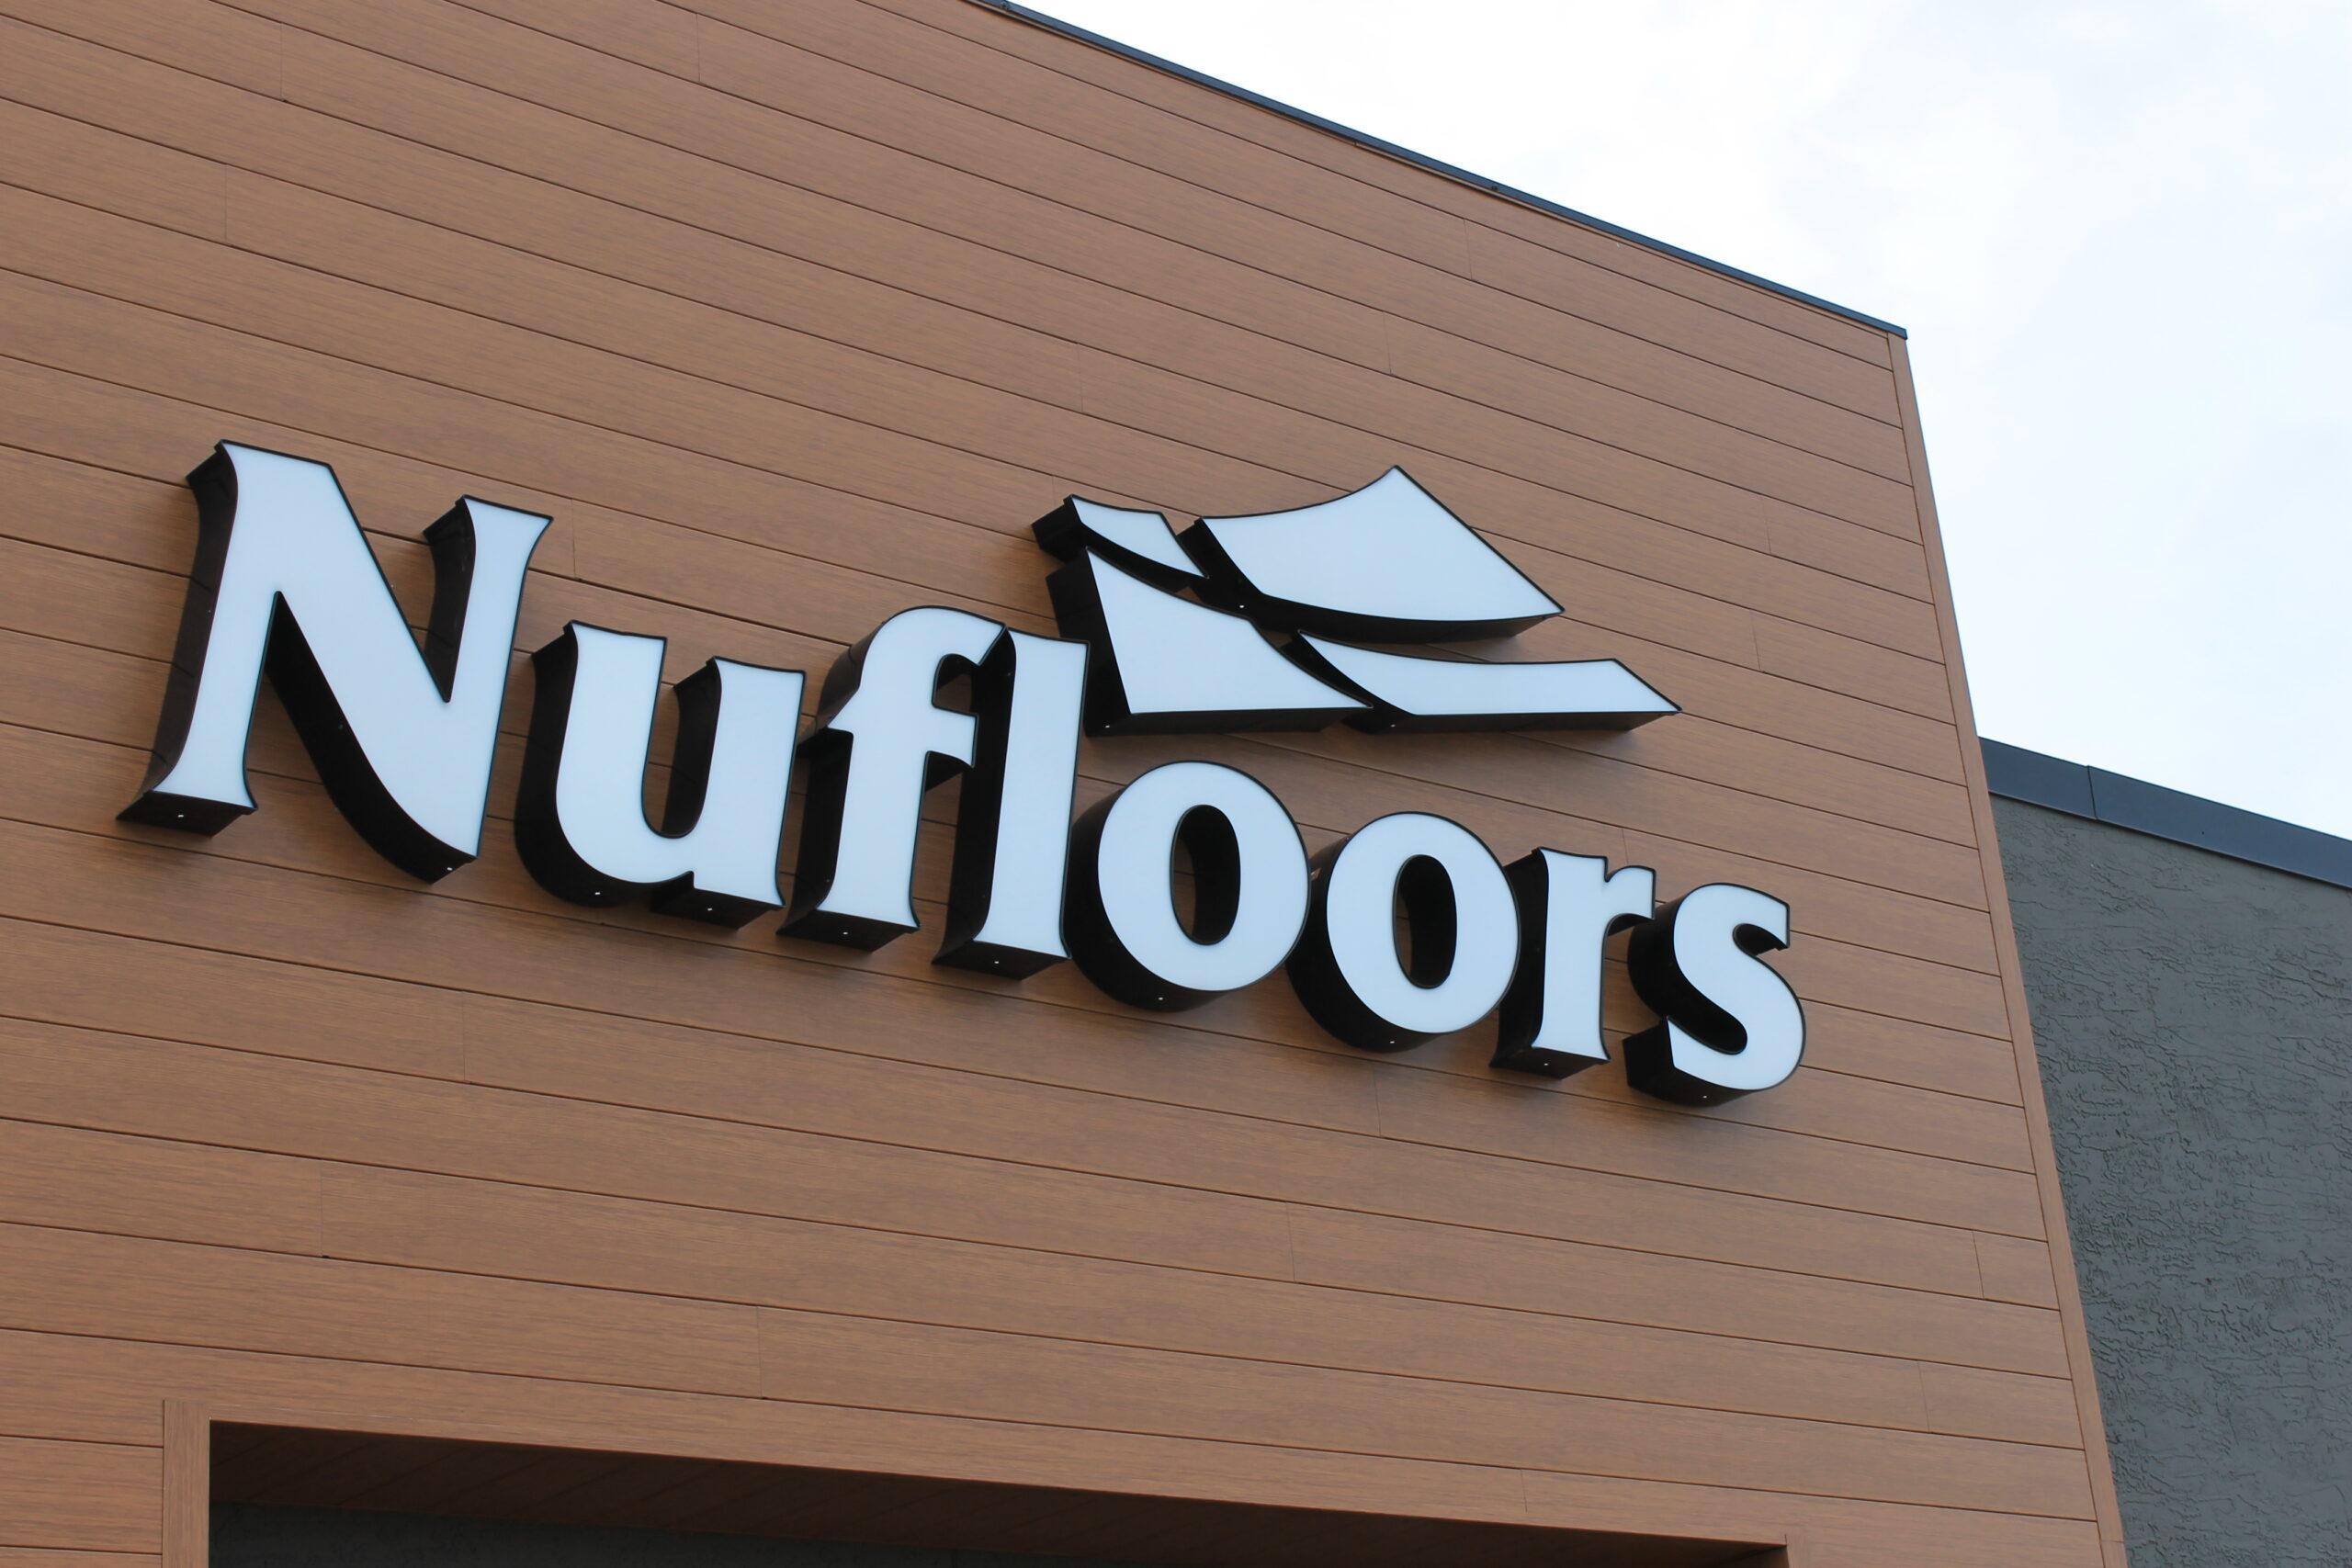 Nufloors Grand Prairie exterior signage